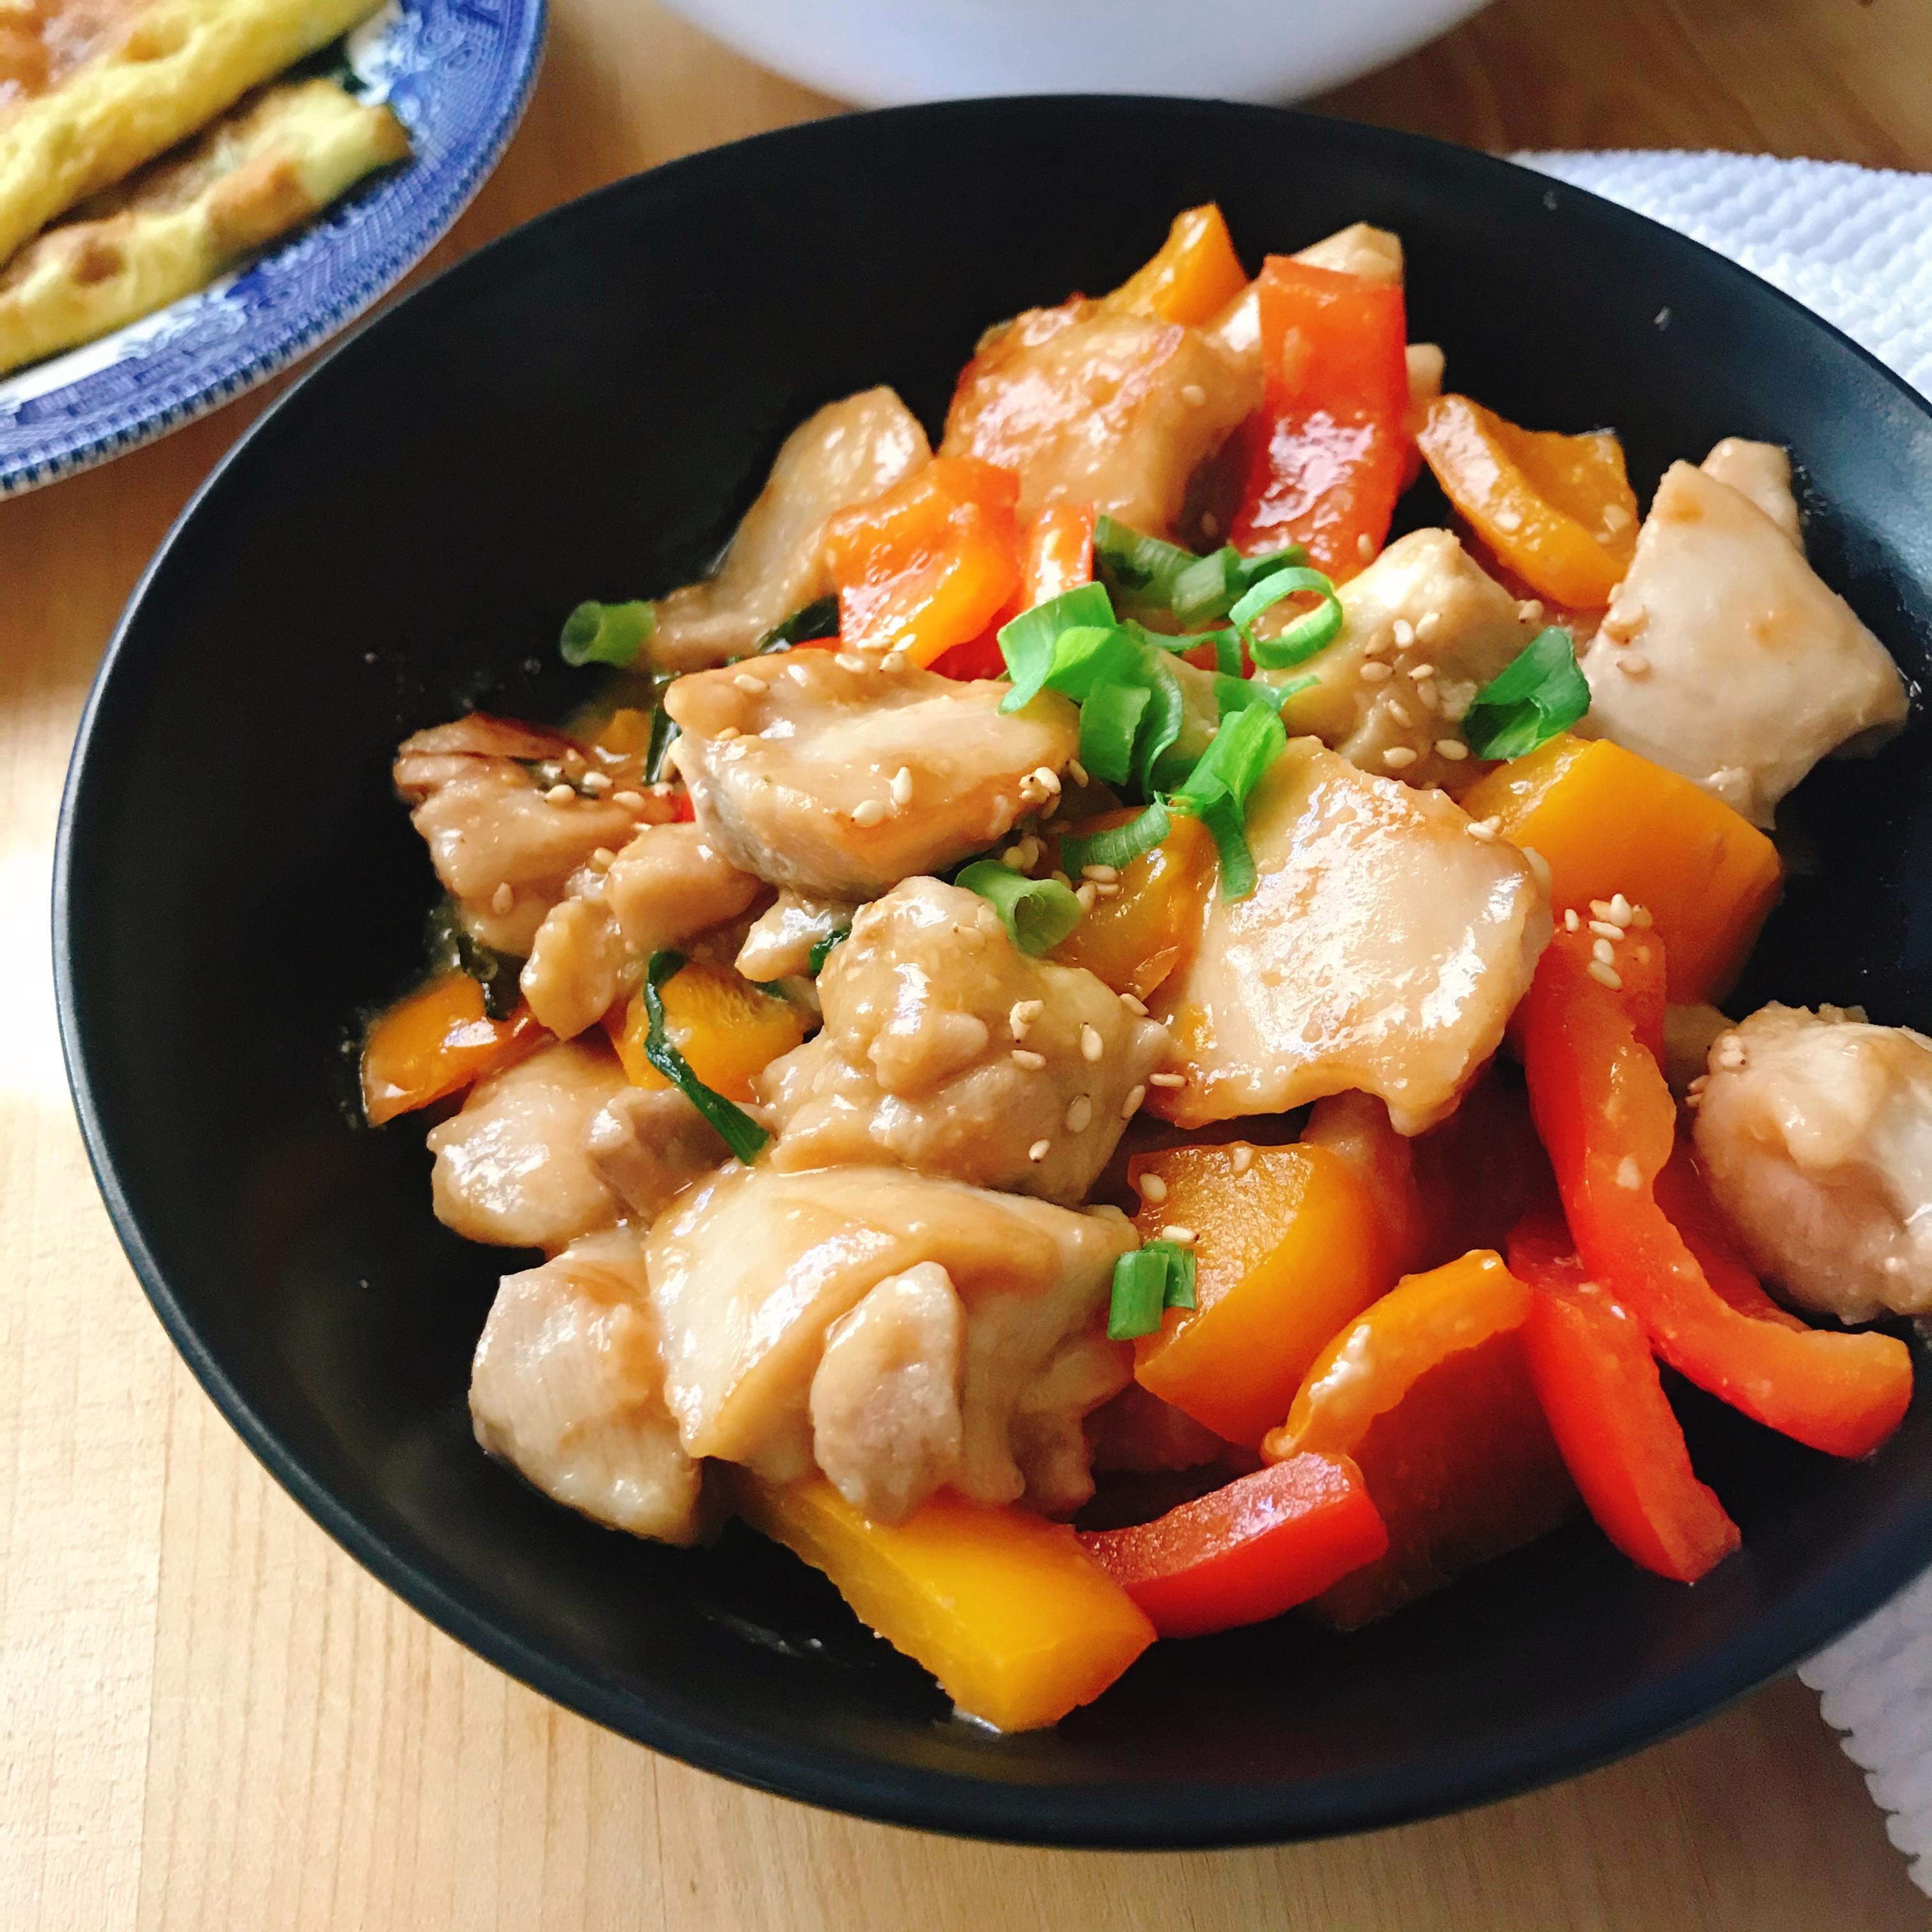 味噌雞肉佐彩色甜椒